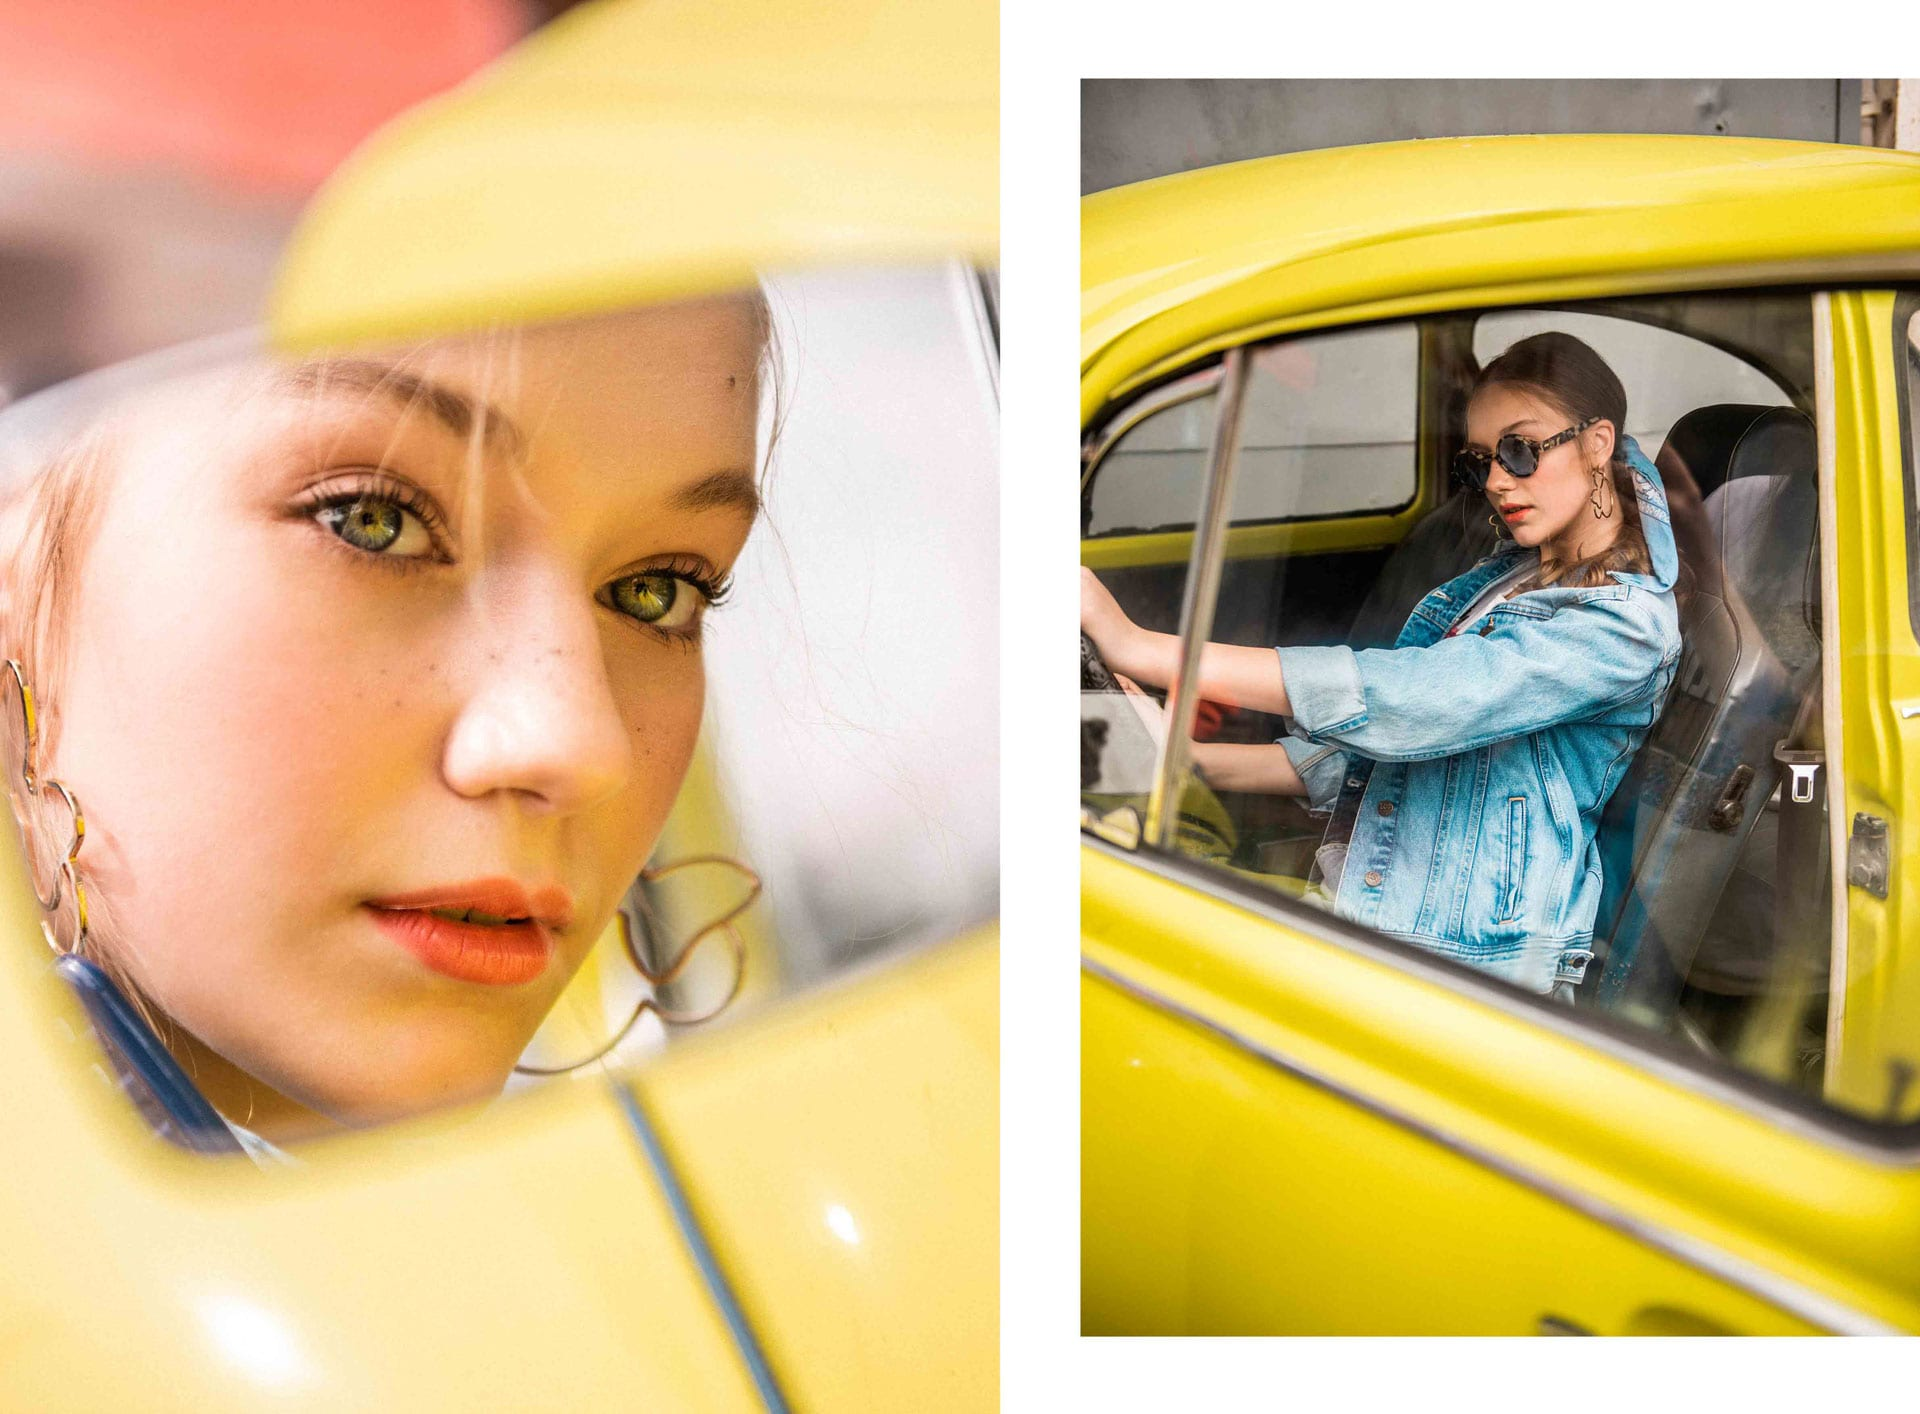 ג׳קט: lee, חולצה: h&m, חצאית: lee, בנדנה: top shop, עגילים: h&m, משקפיים: Tough Character, הפקת אופנה: צילום: דניס גרצקיס, איפור: רעות גיא, סטיילינג: אורי לשם, וידיאו: שני רייך, דוגמנית: מליסה אובסיאניקוב ל׳רוברטו׳, צולם ב-Dr bug, אופנה -3